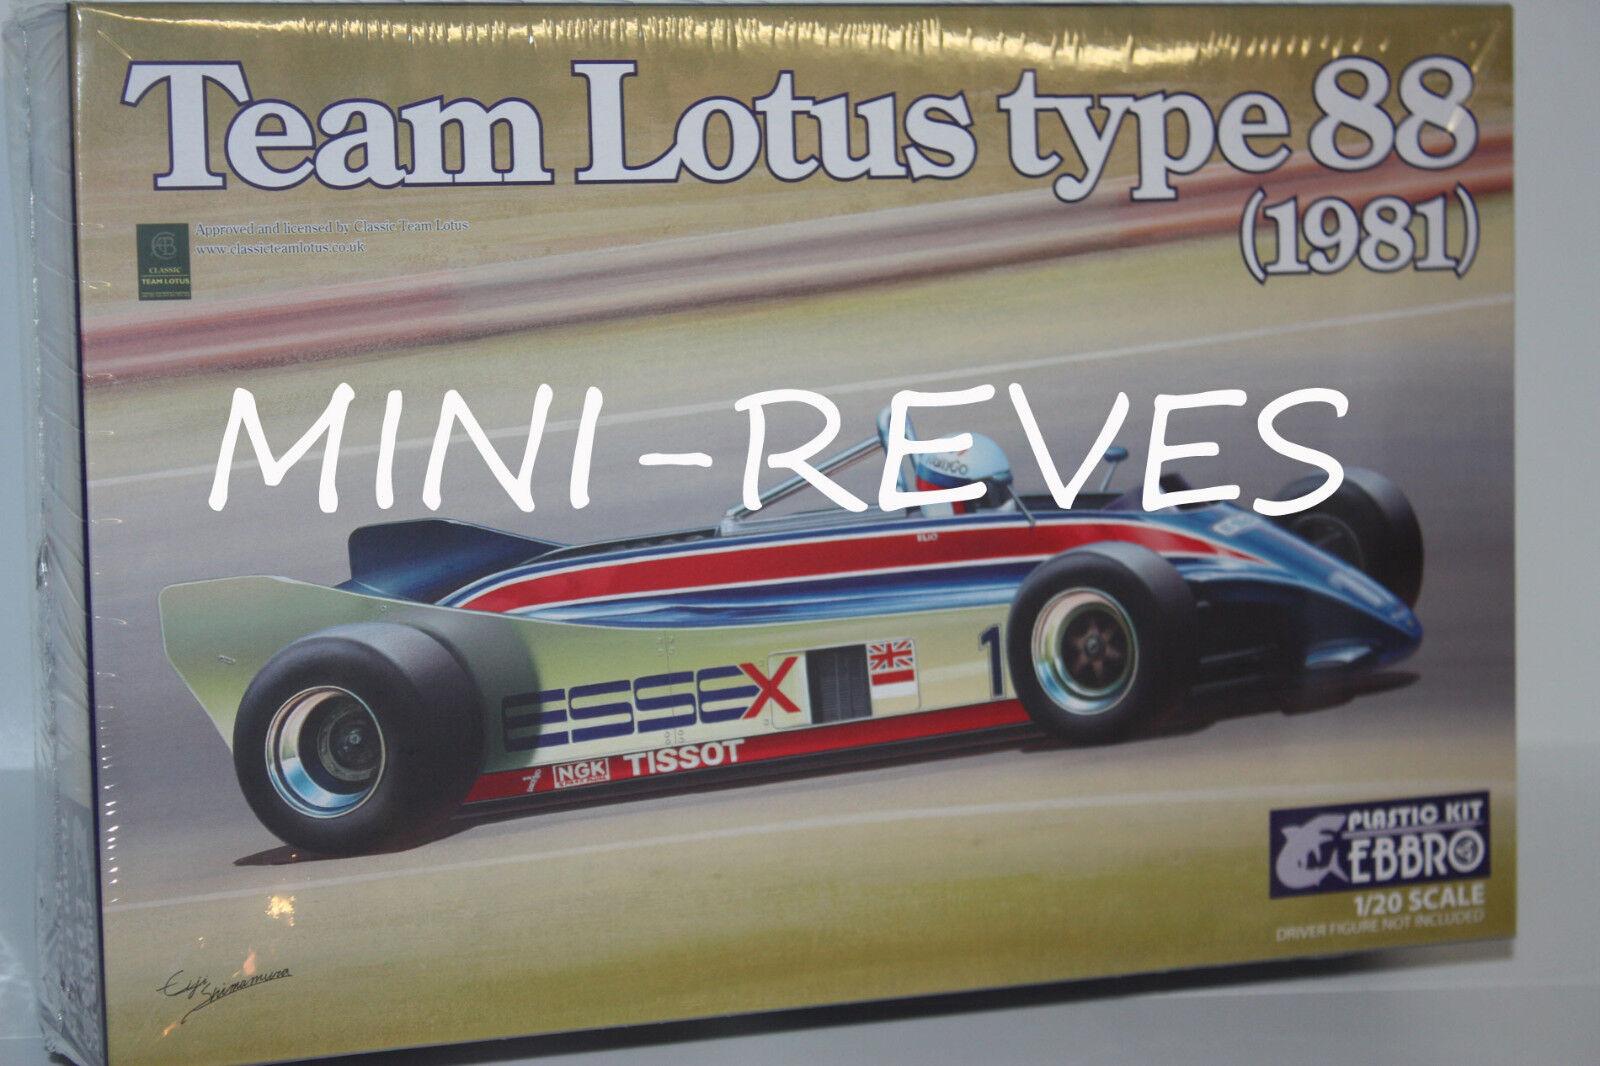 mejor calidad mejor precio Ebbro F1 Lotus 88 1981 1 20 20 20 Ebr011  Tienda 2018